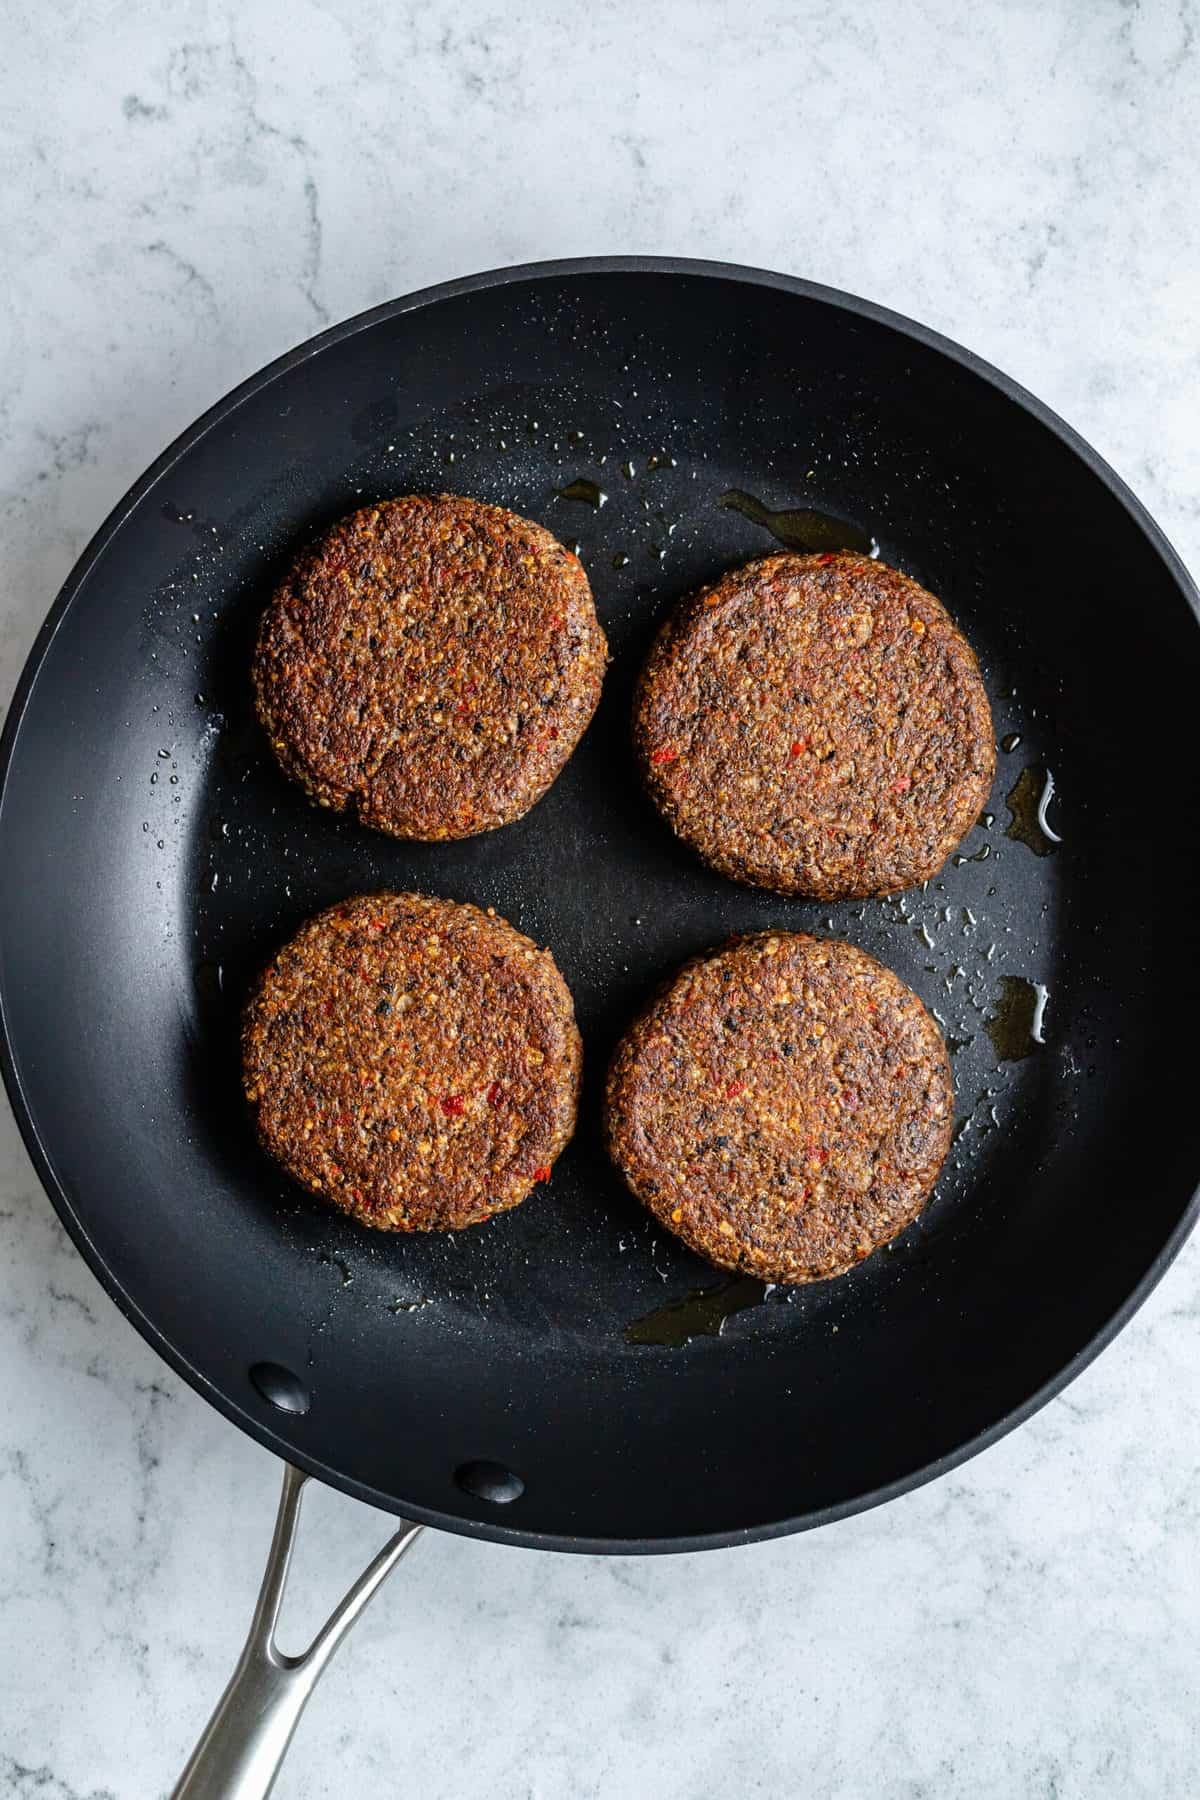 Black bean burgers in a pan.